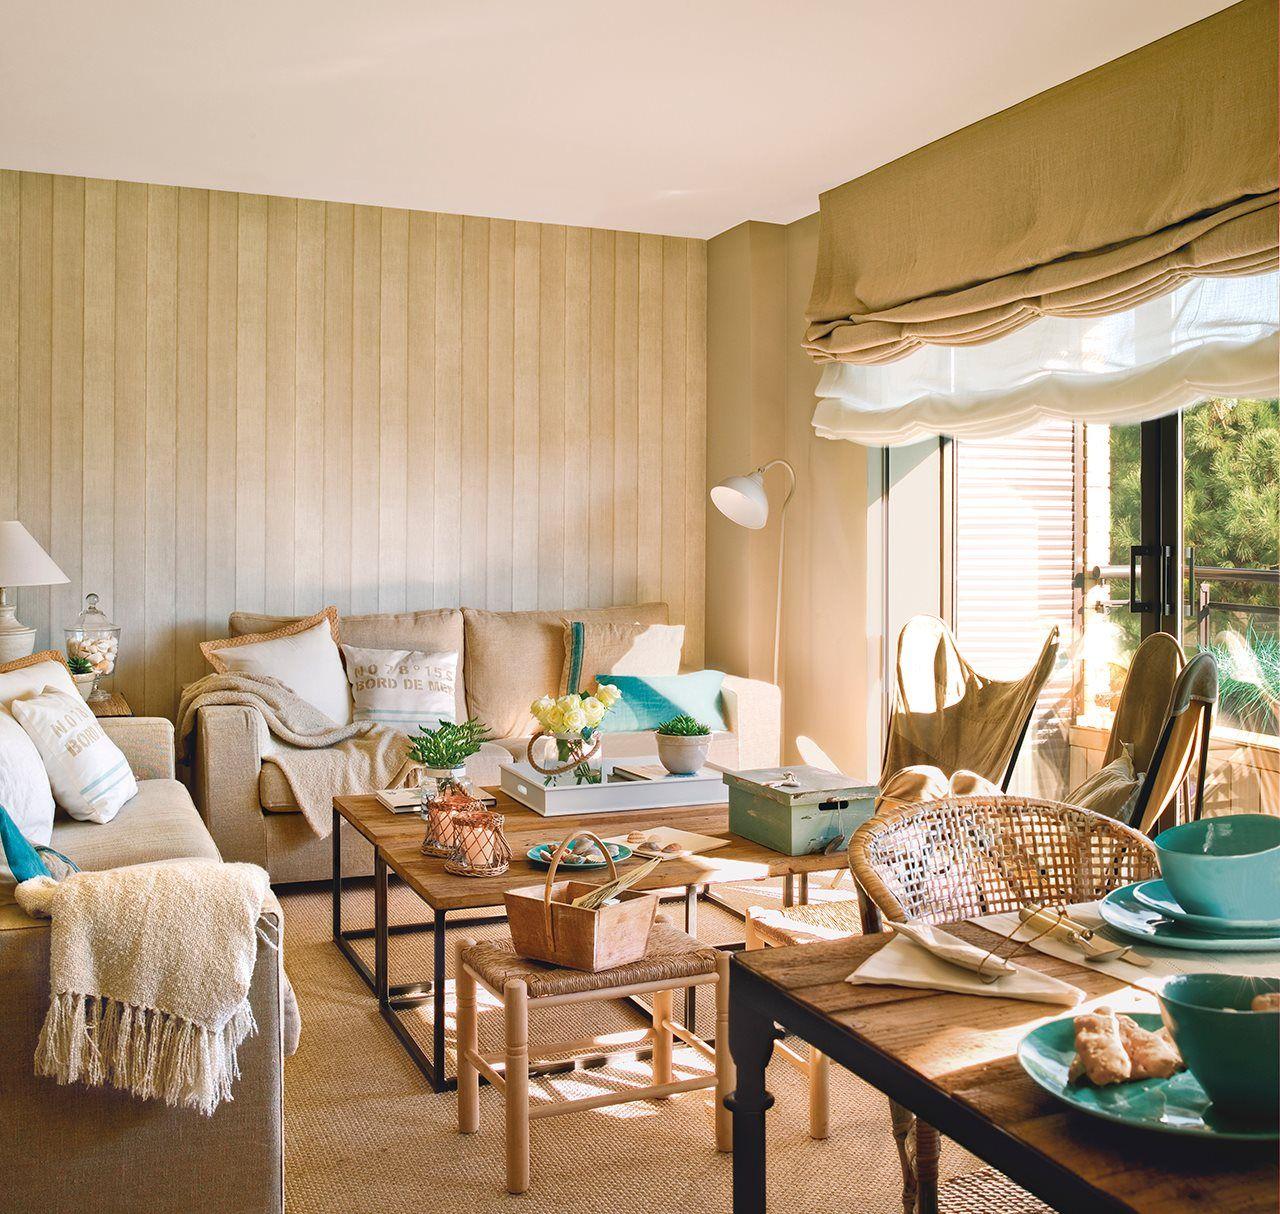 El sal n aprovechado pisos y playa - Salon piso pequeno ...